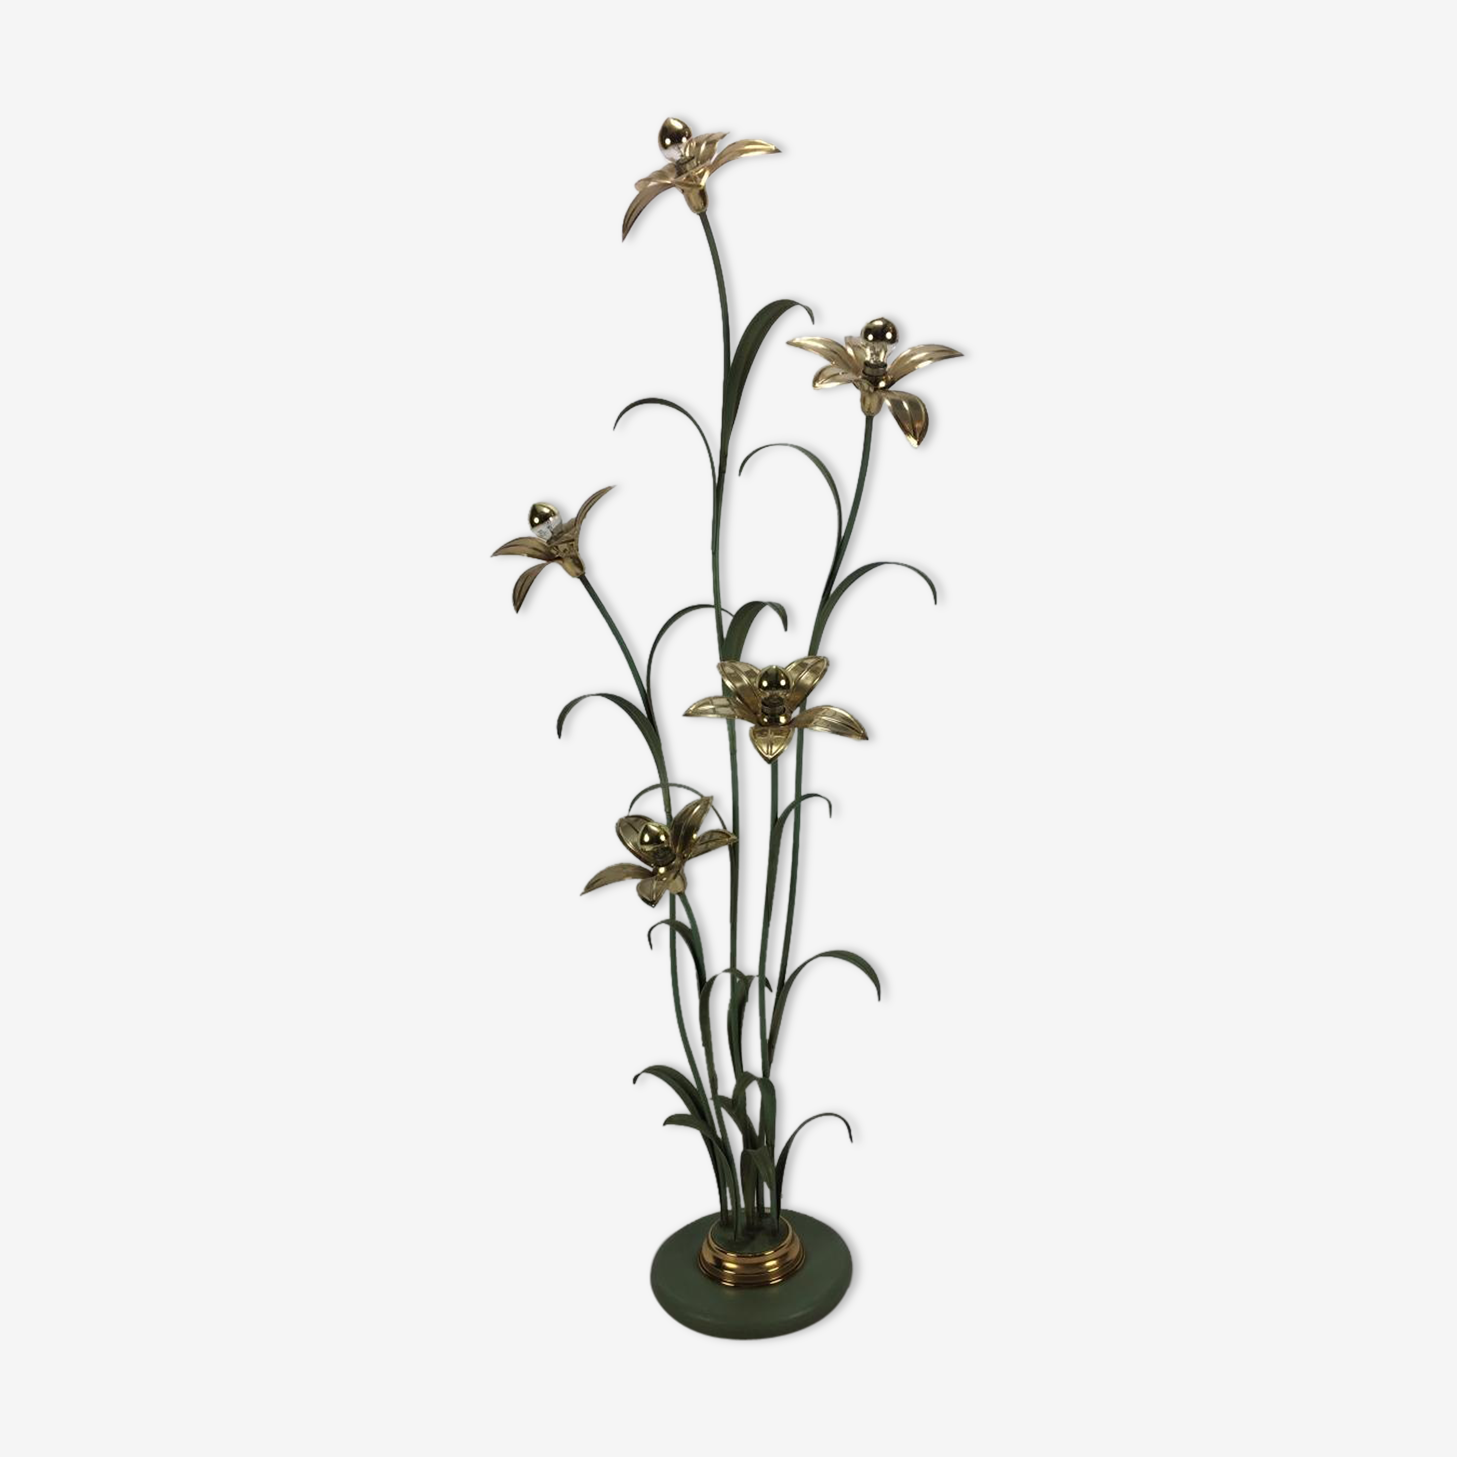 Lampadaire fleur 1980s